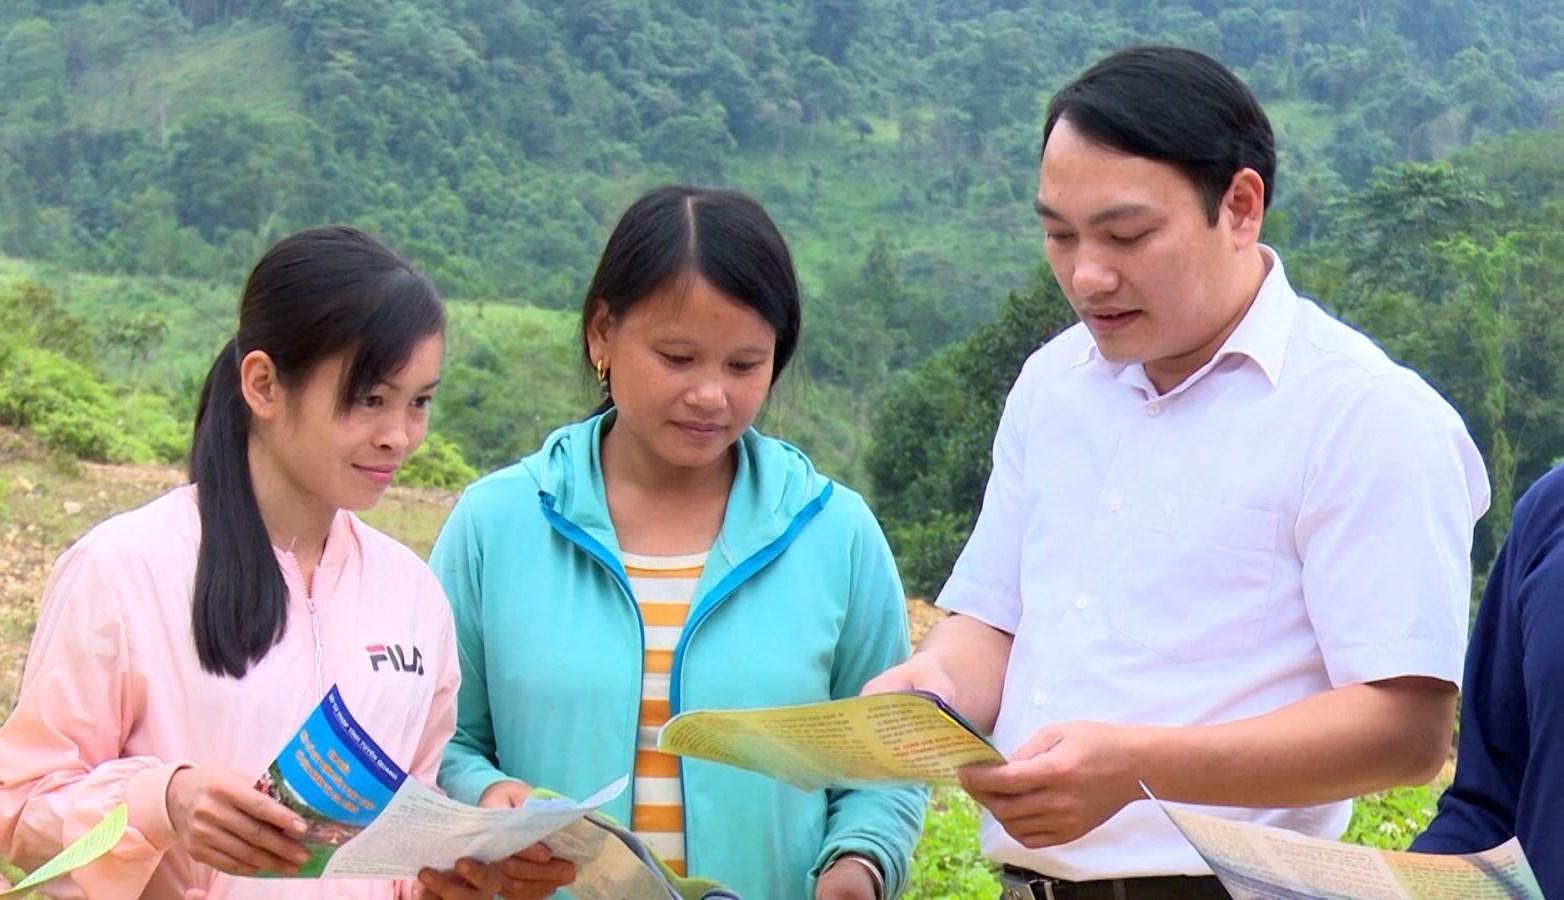 Cán bộ Tư pháp huyện Lâm Bình, tỉnh Tuyên Quang tuyên truyền, phổ biến pháp luật cho bà con tại xã Bình An